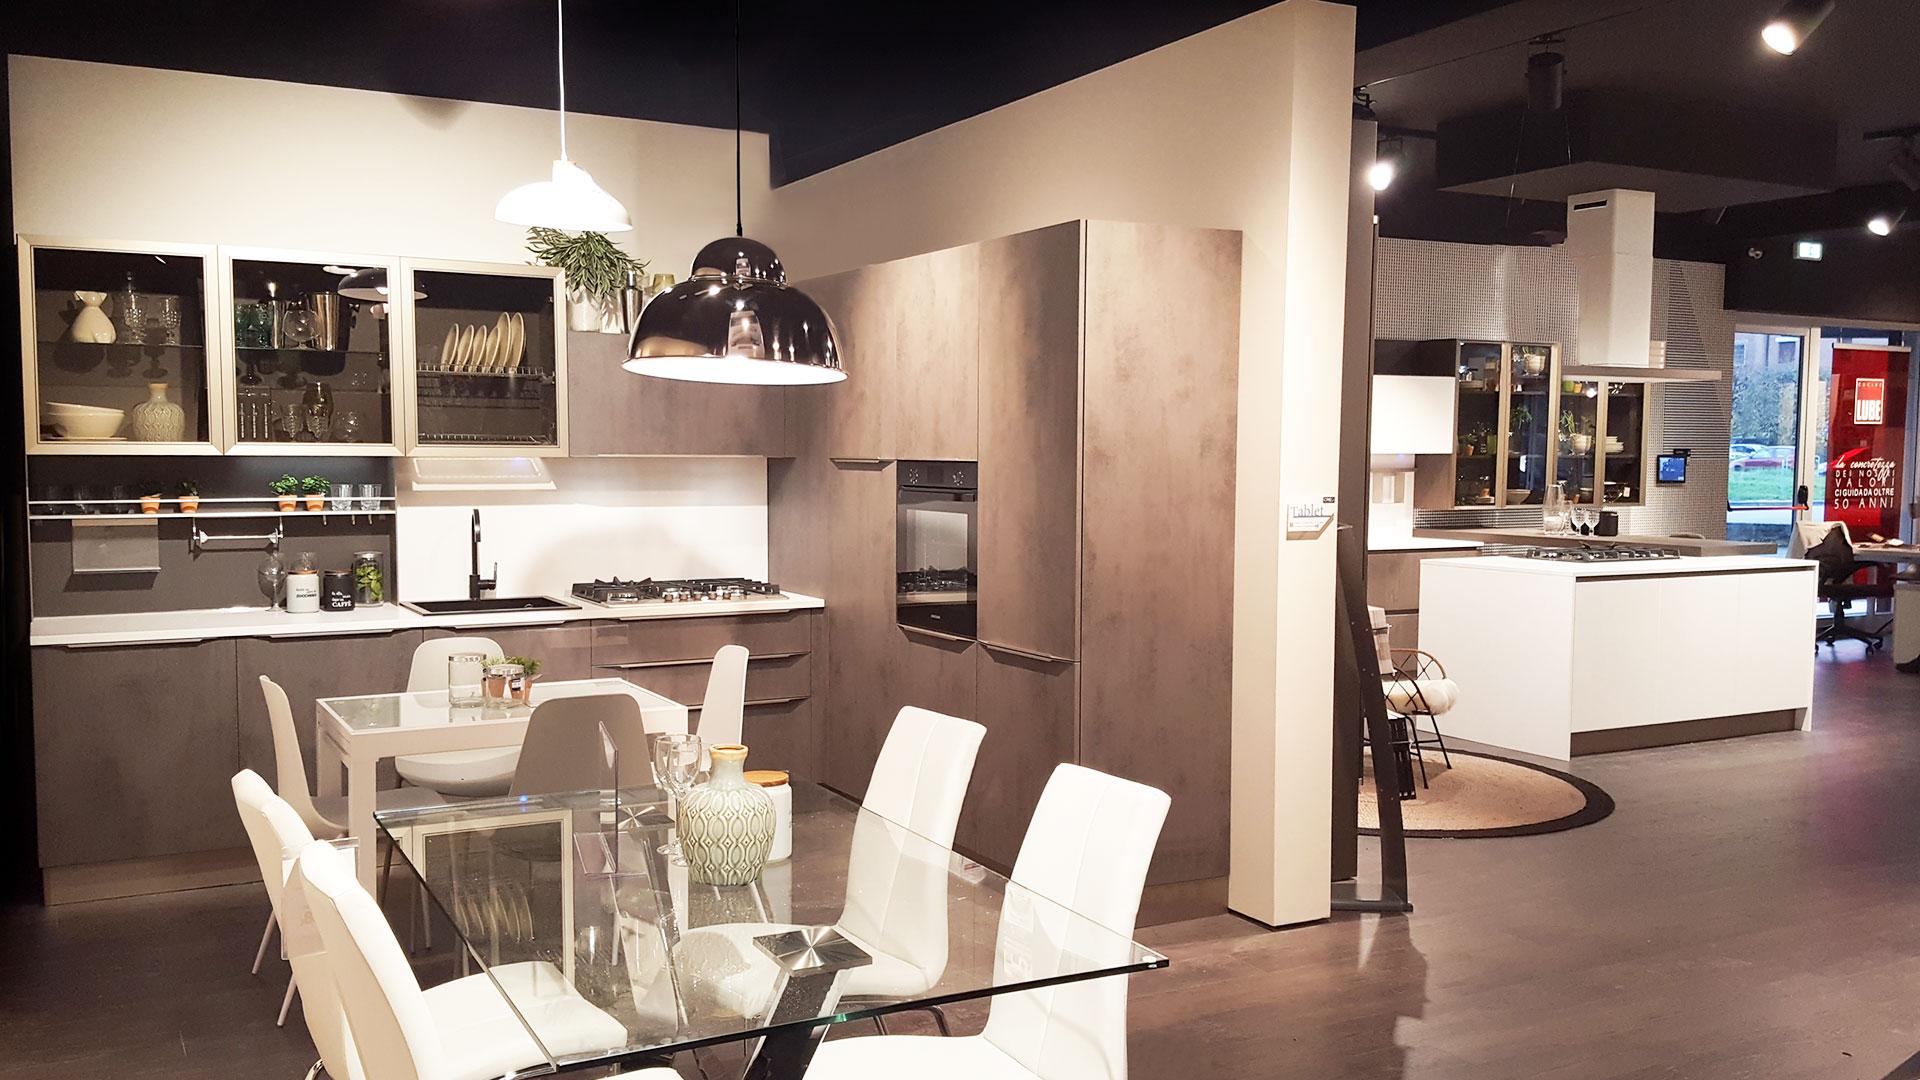 Il Gruppo Lube Inaugura Un Nuovo Store Lube E Creo A Carpi Cucine Lube